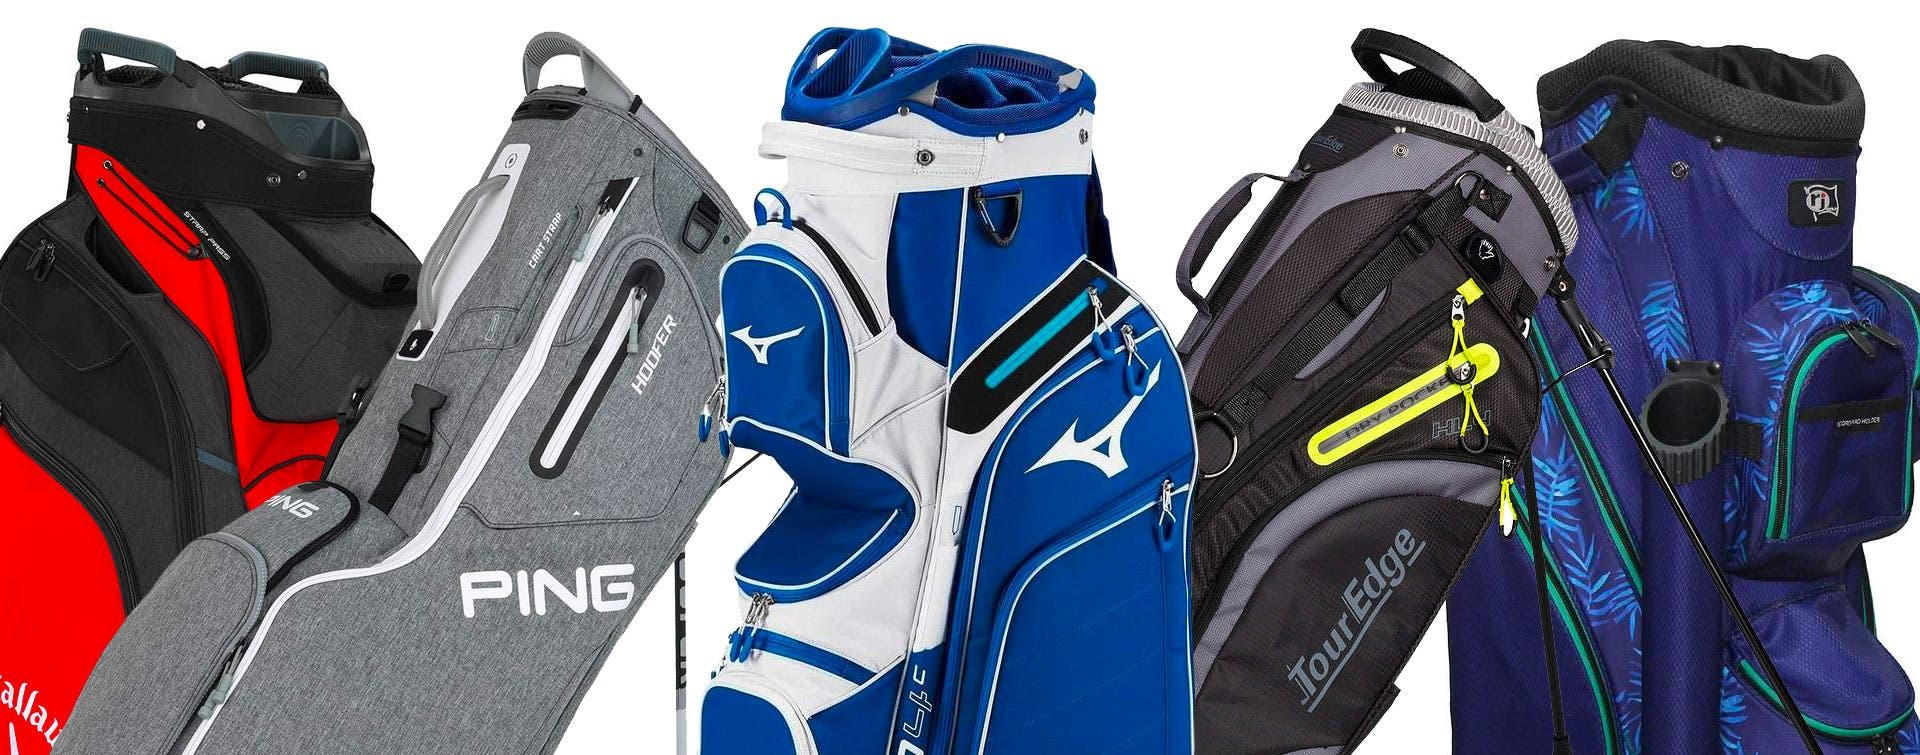 Golf Bag Specials Banner Image